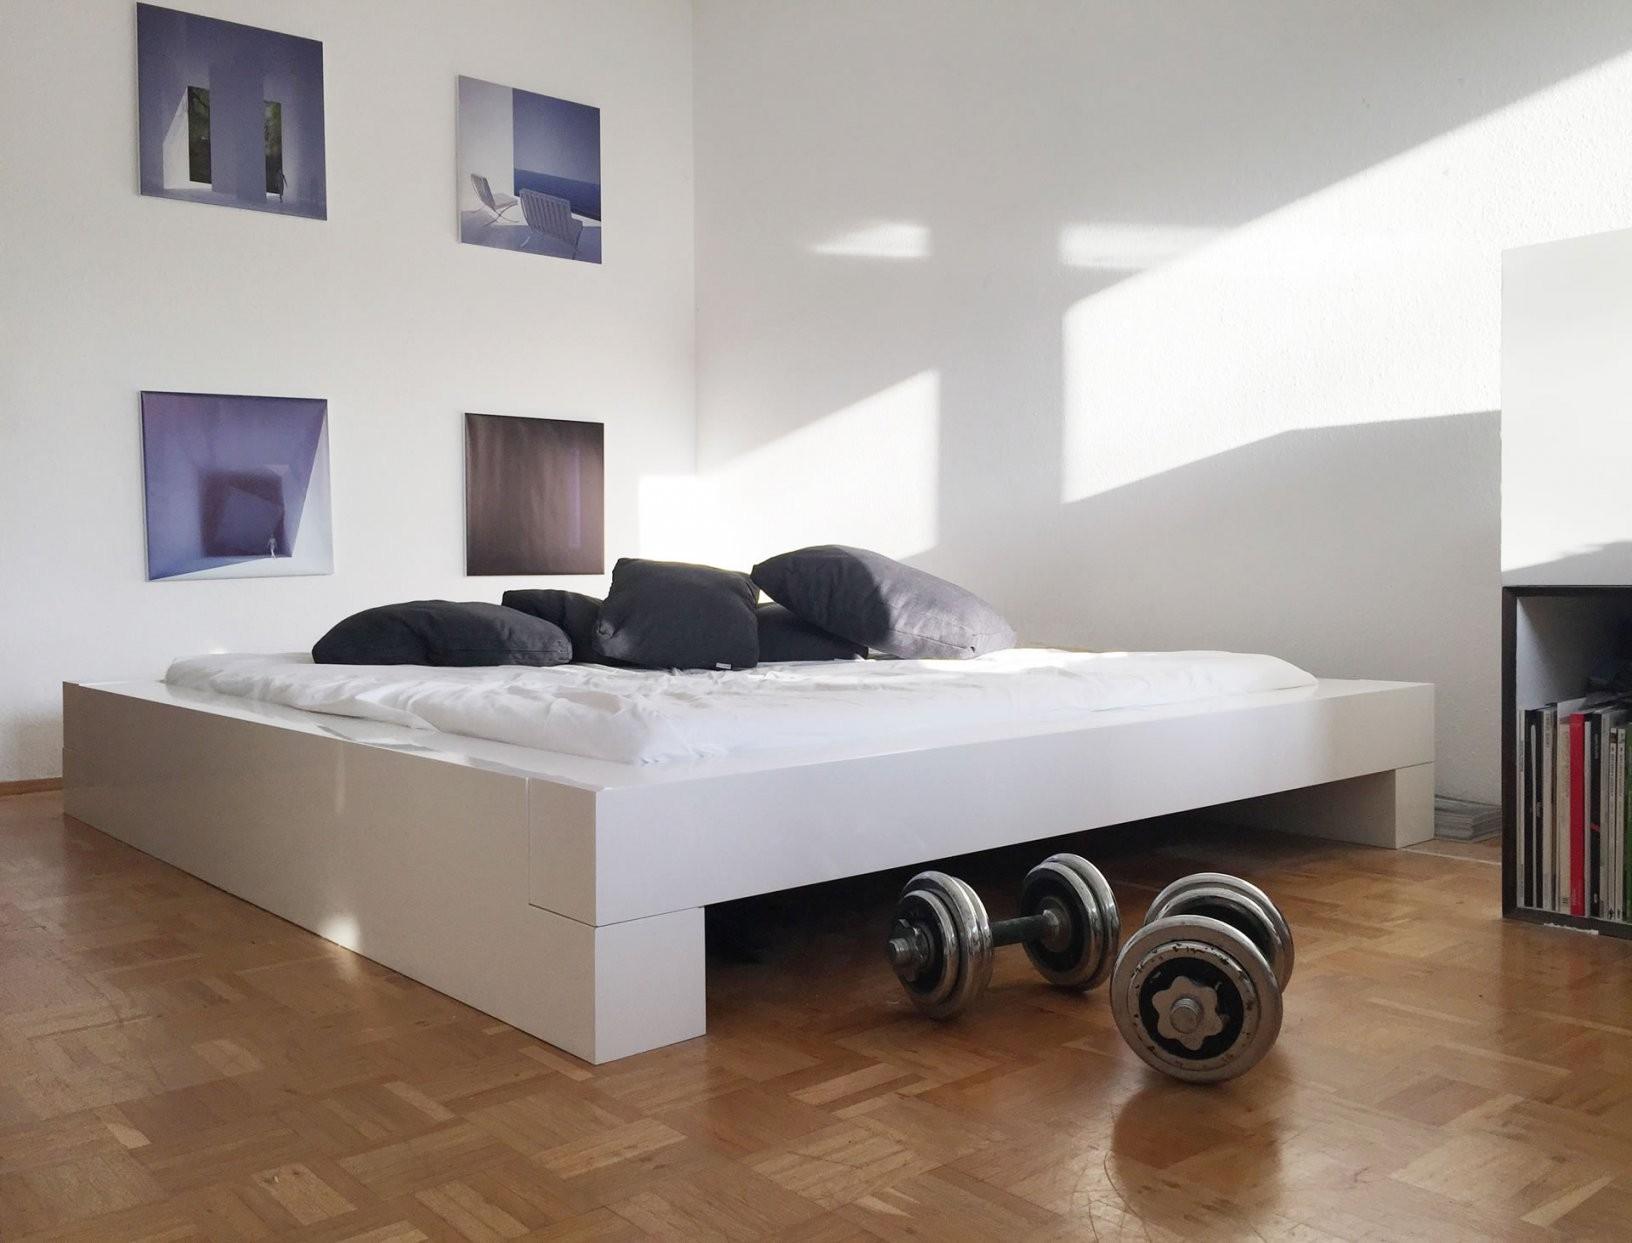 Bett Somnium – Minimalistisches Designbett Von Rechteck von Bett 180X200 Weiß Hochglanz Bild